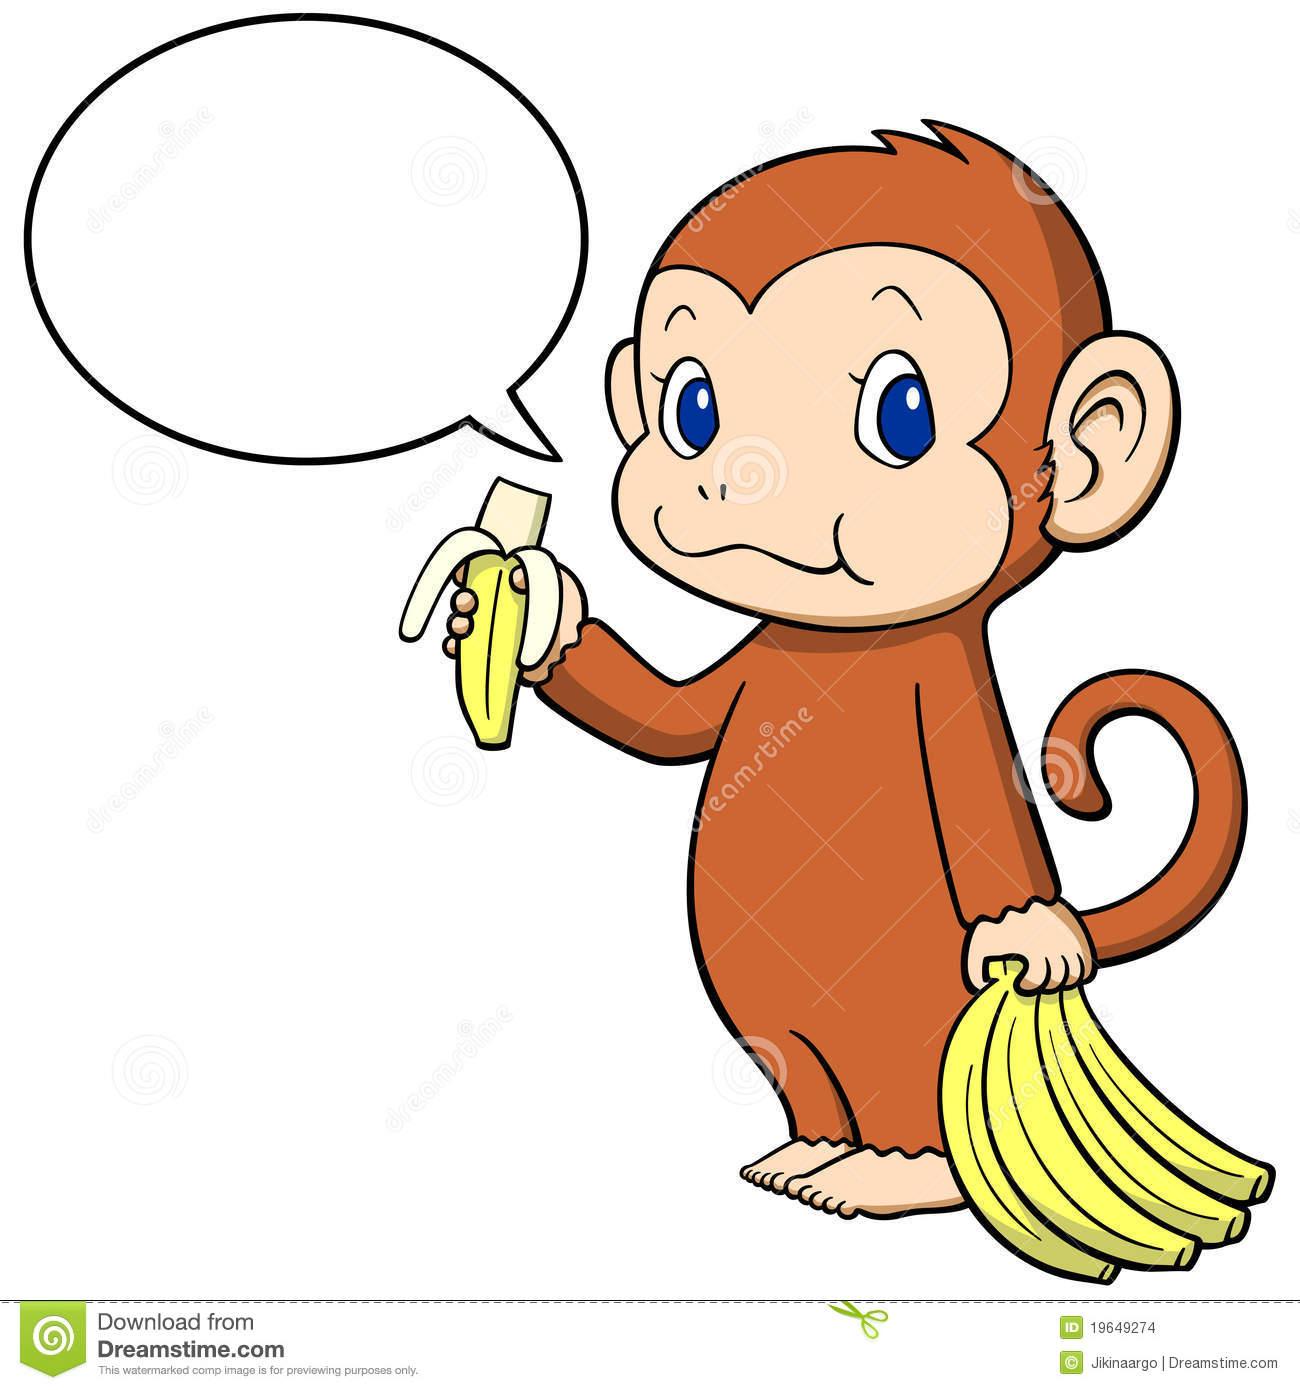 Monkey with banana clipart.